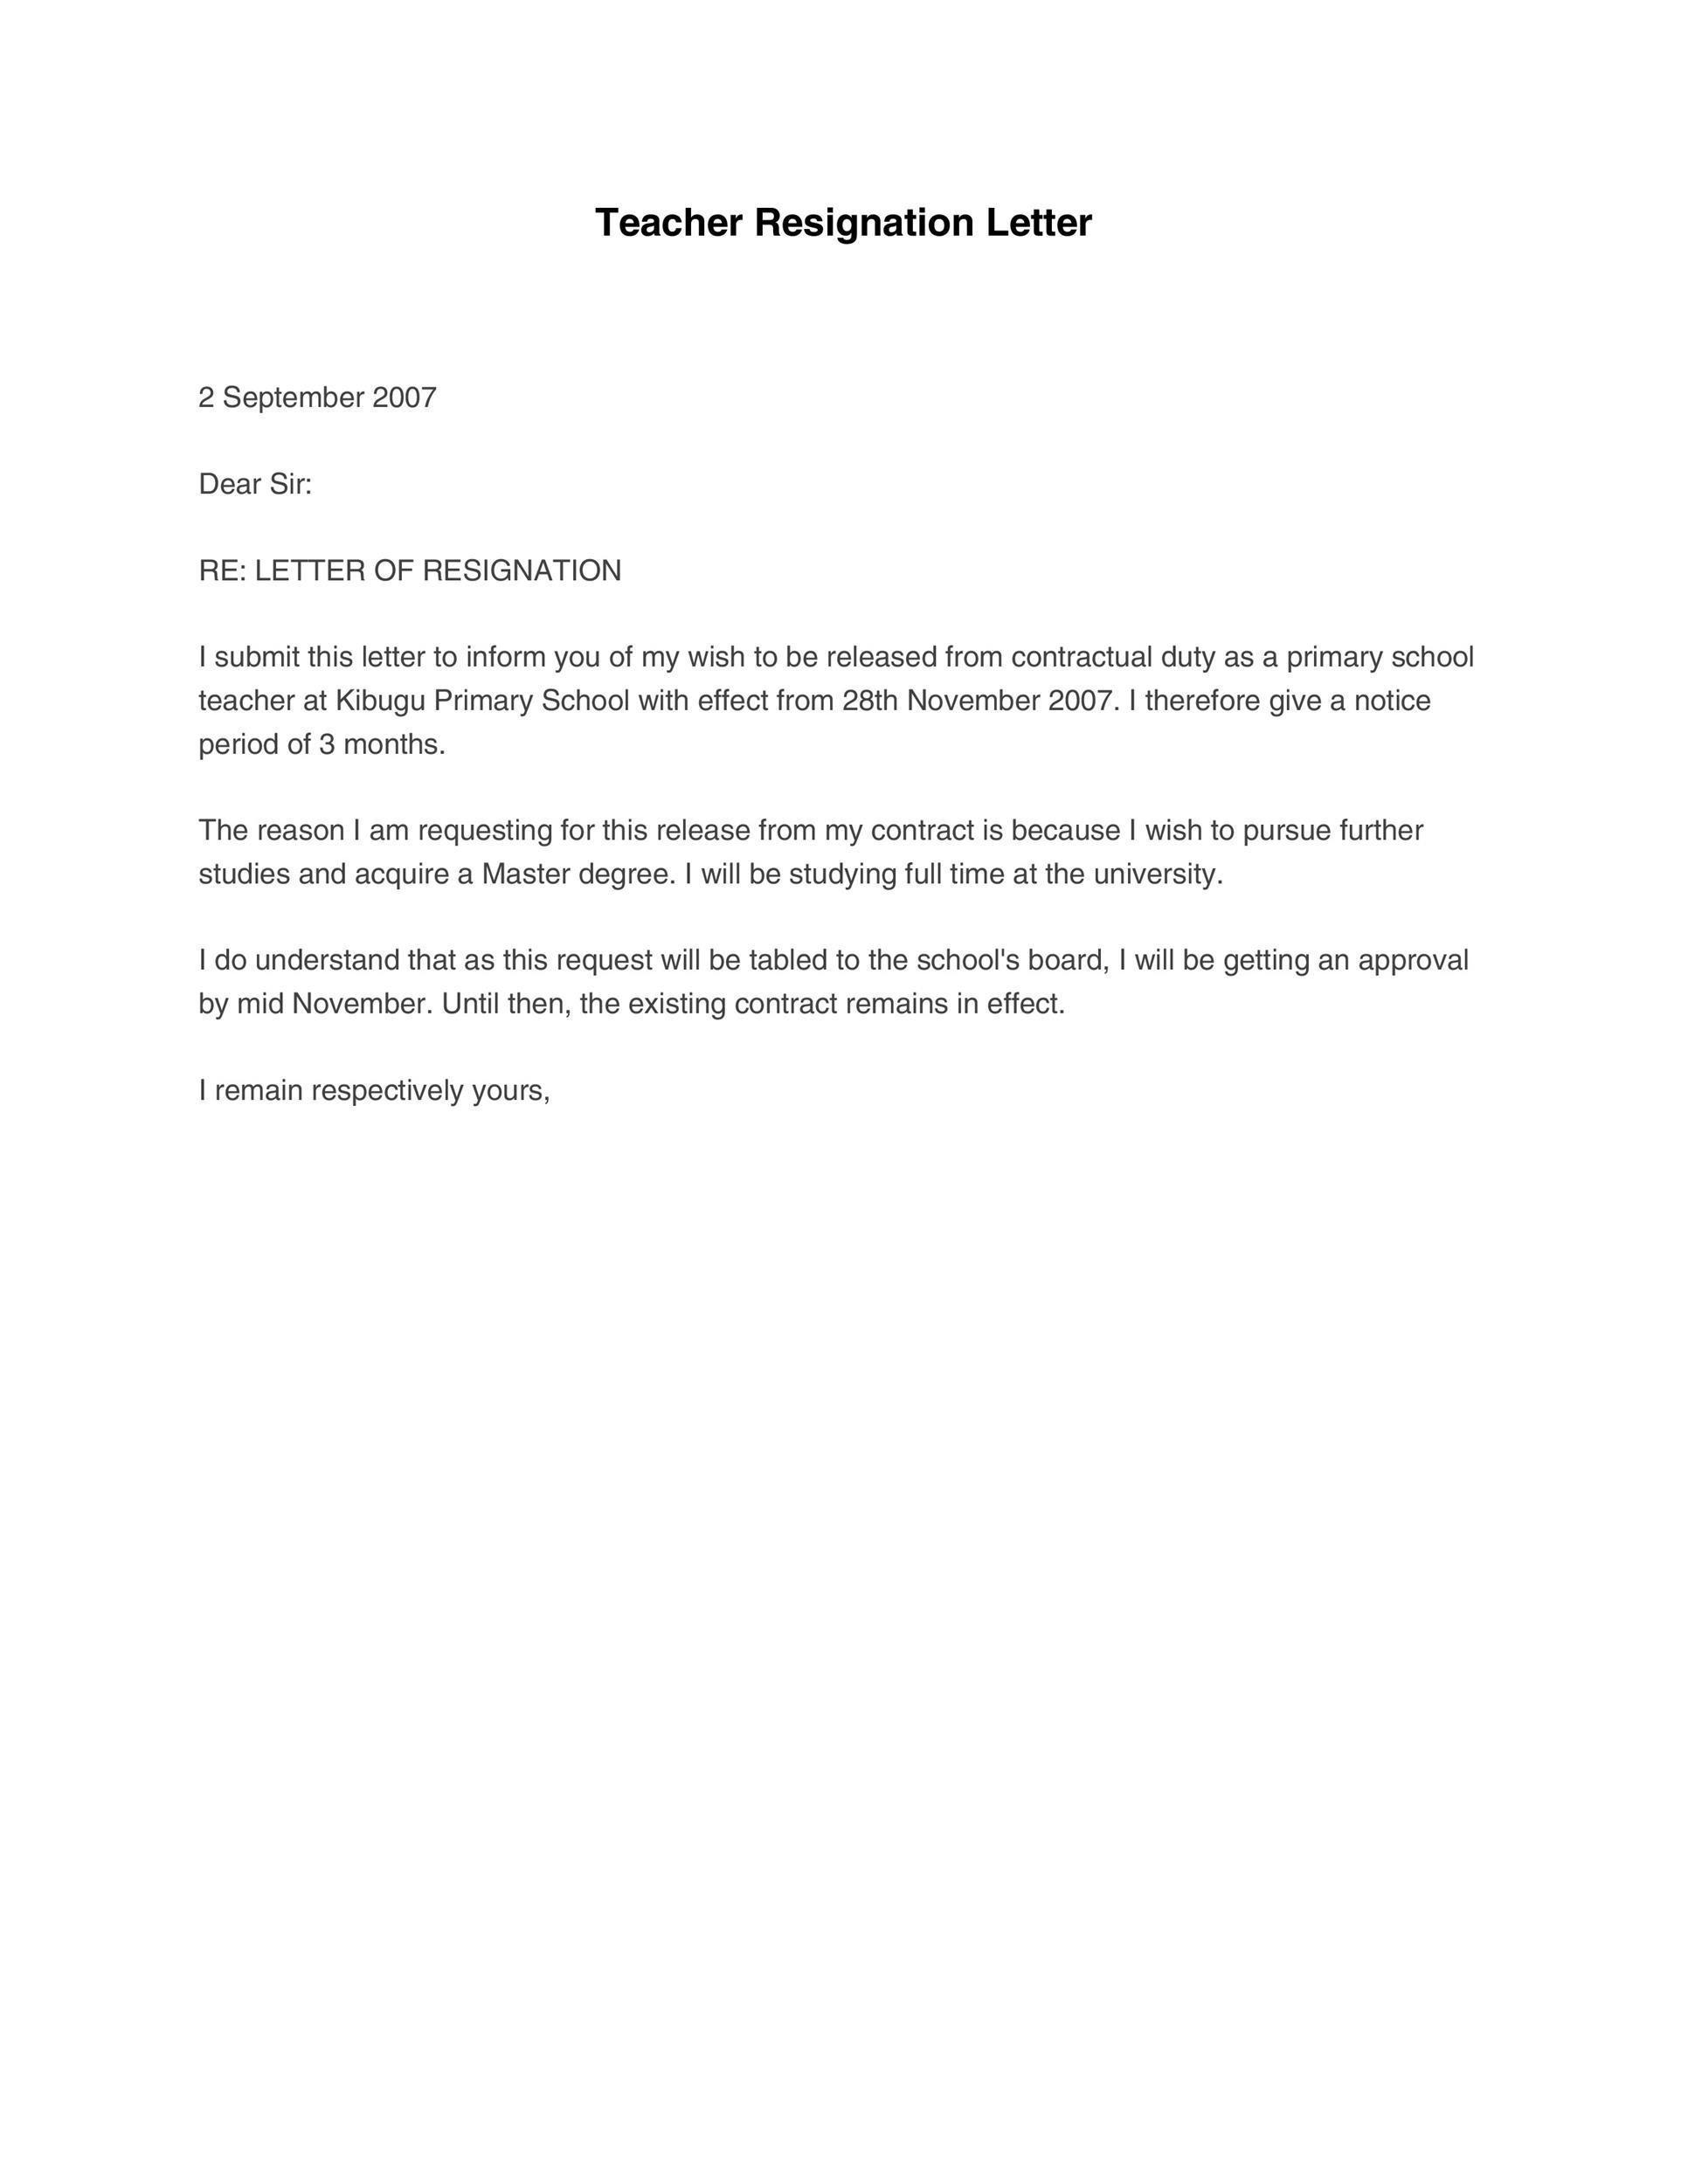 Free teacher resignation letter 03